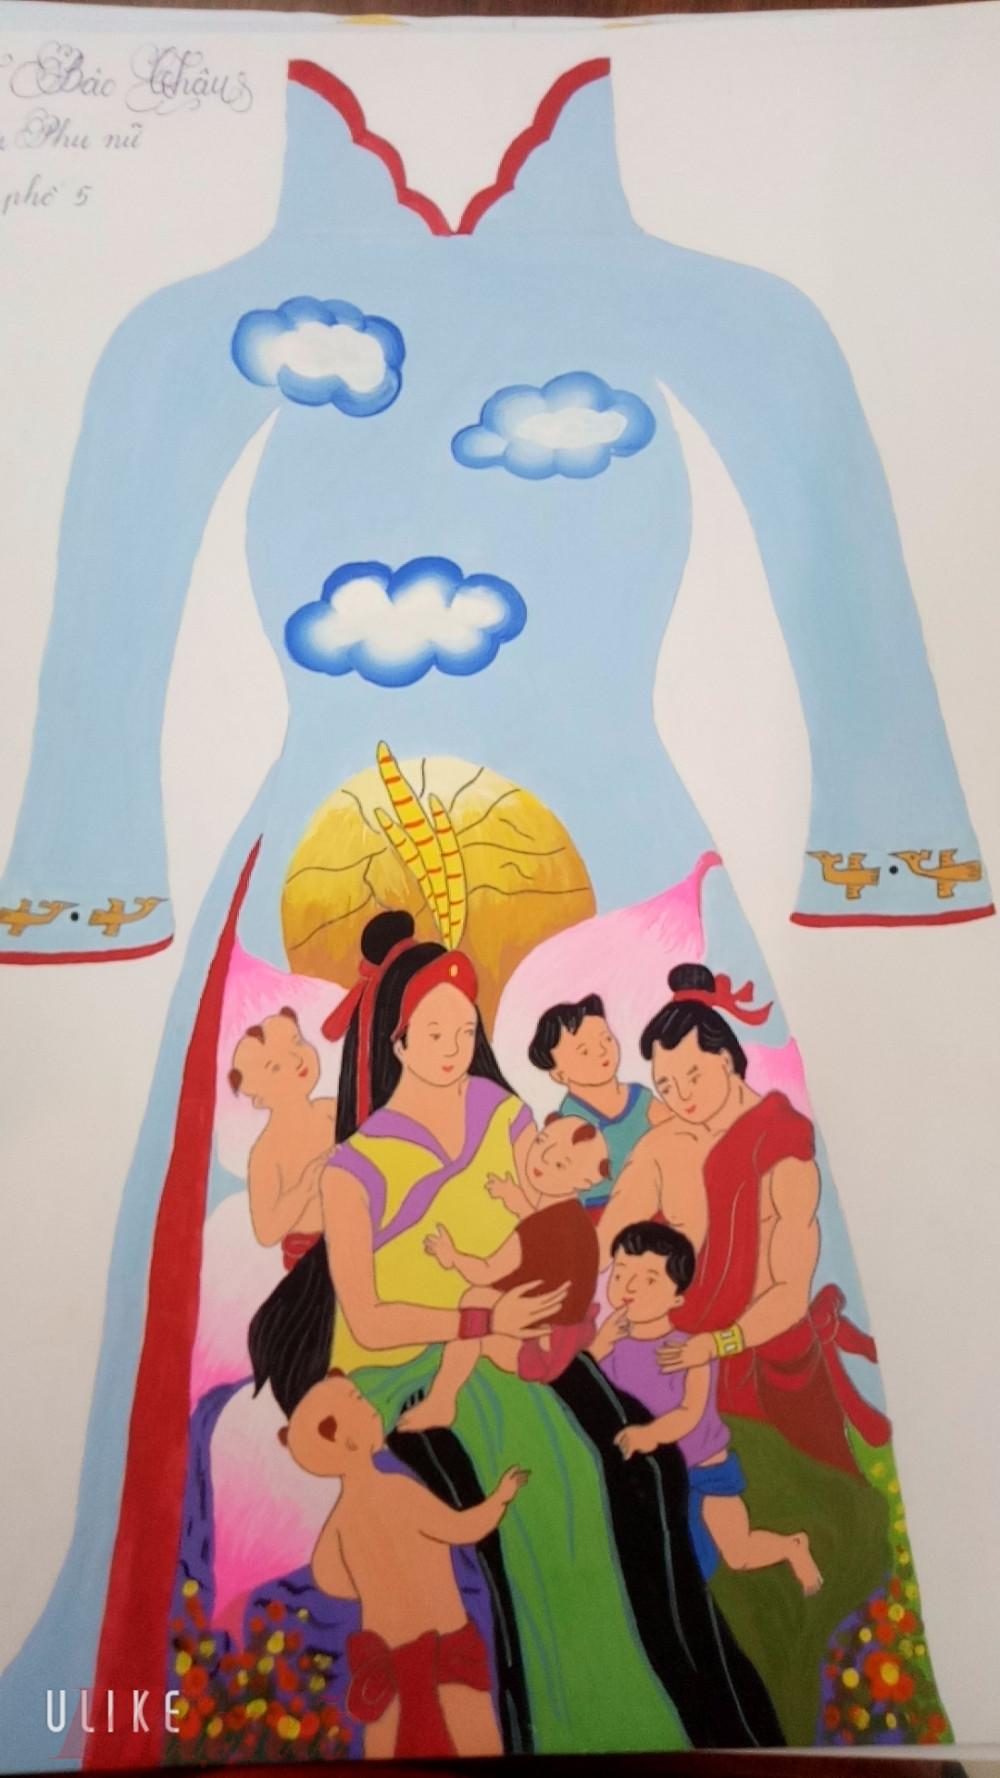 Một số bức tranh áo dài cho chín các em thiếu nhi vẽ tham gia hội thi.